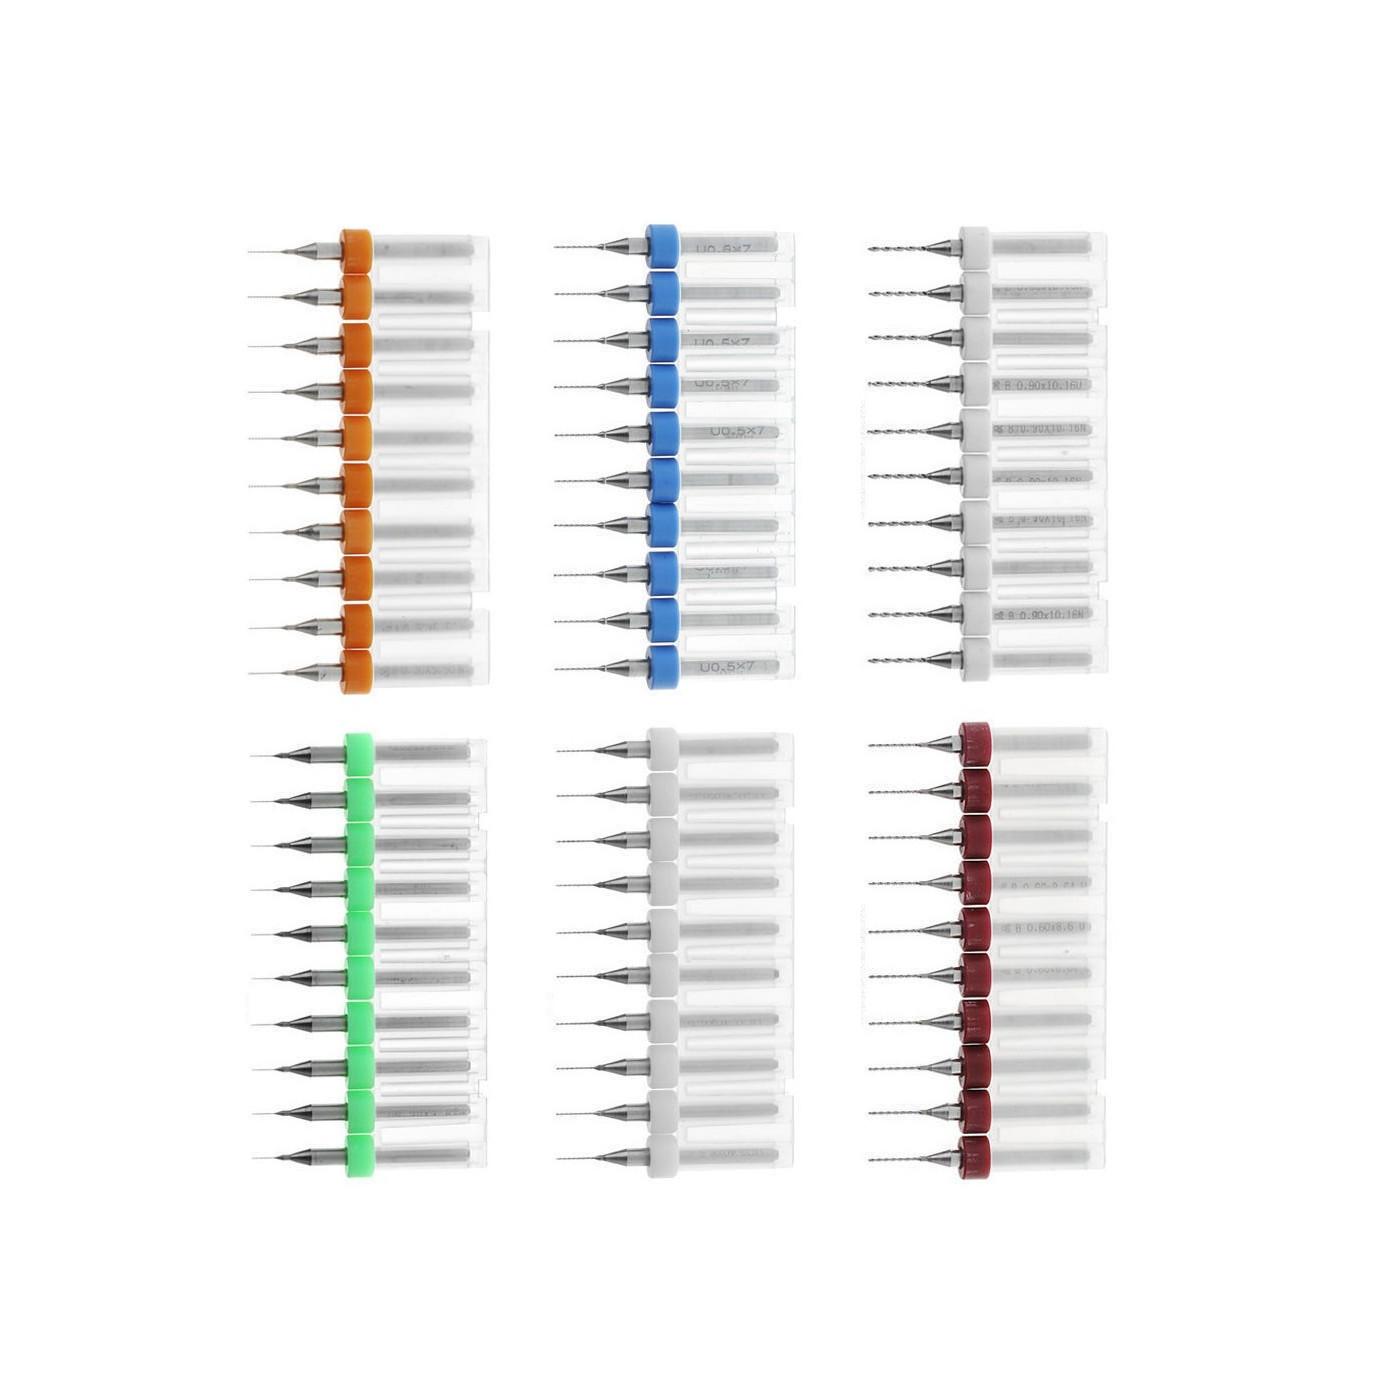 Ensemble de 10 micro forets dans une boîte (0,85 mm)  - 1